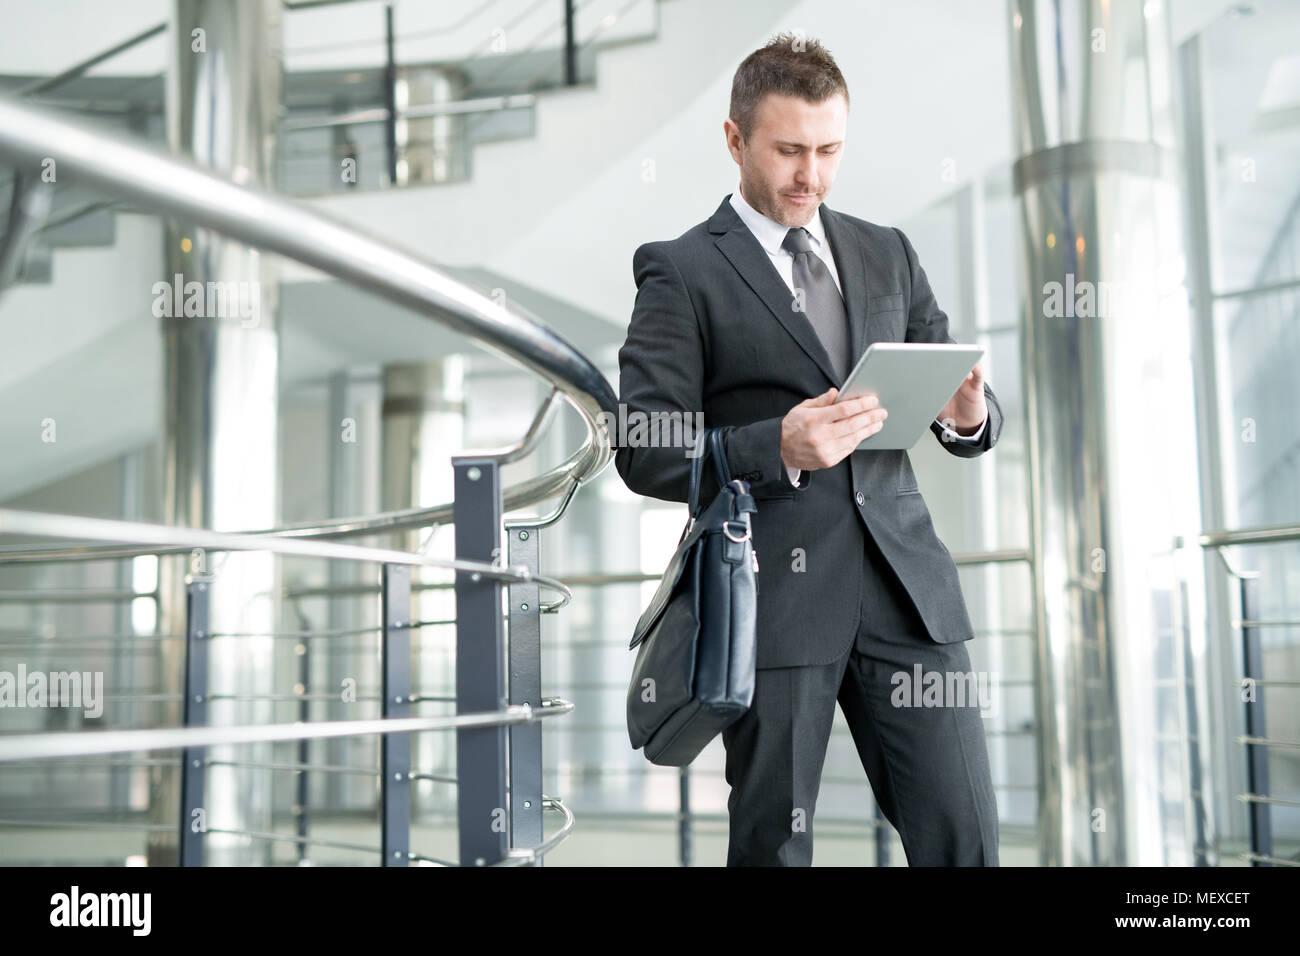 Hombre de negocios moderno en oficina sala de gran empresa Imagen De Stock